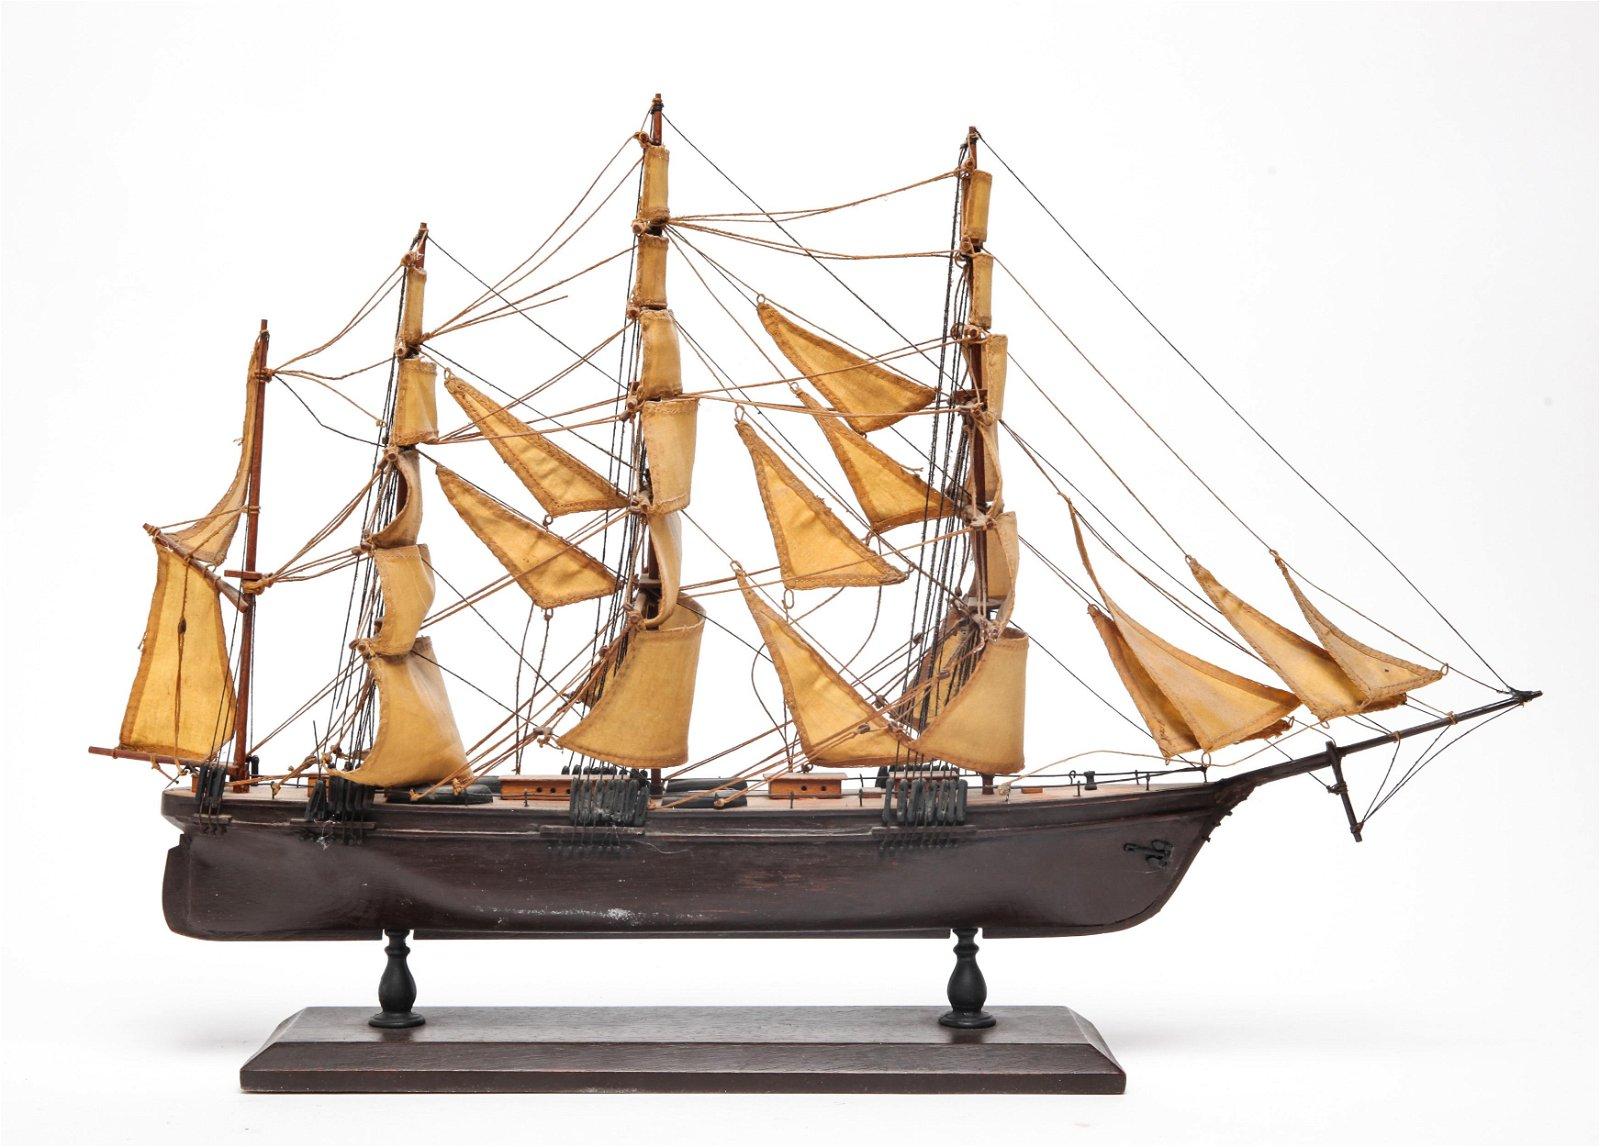 Model Sailboat Sailing Ship Wood & Canvas Sails